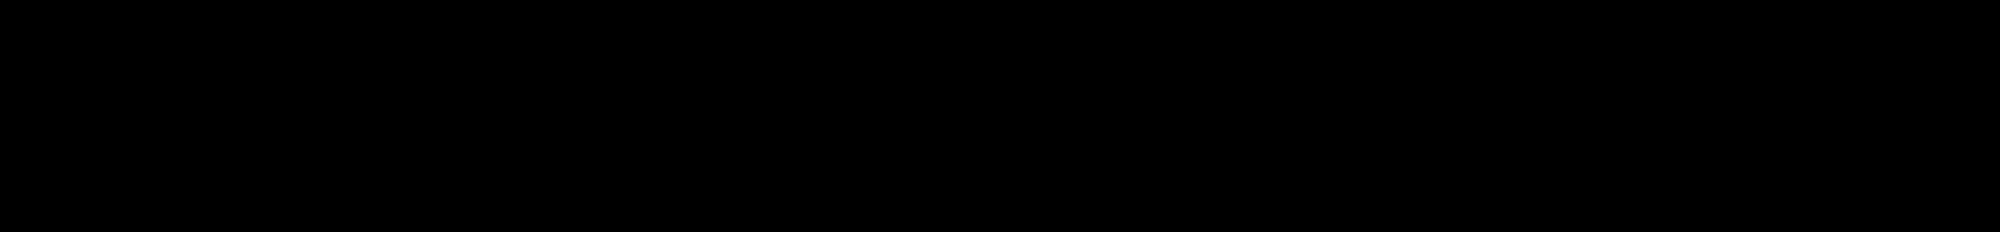 Süddeutsche Zeitung Artikel über asgoodasnew